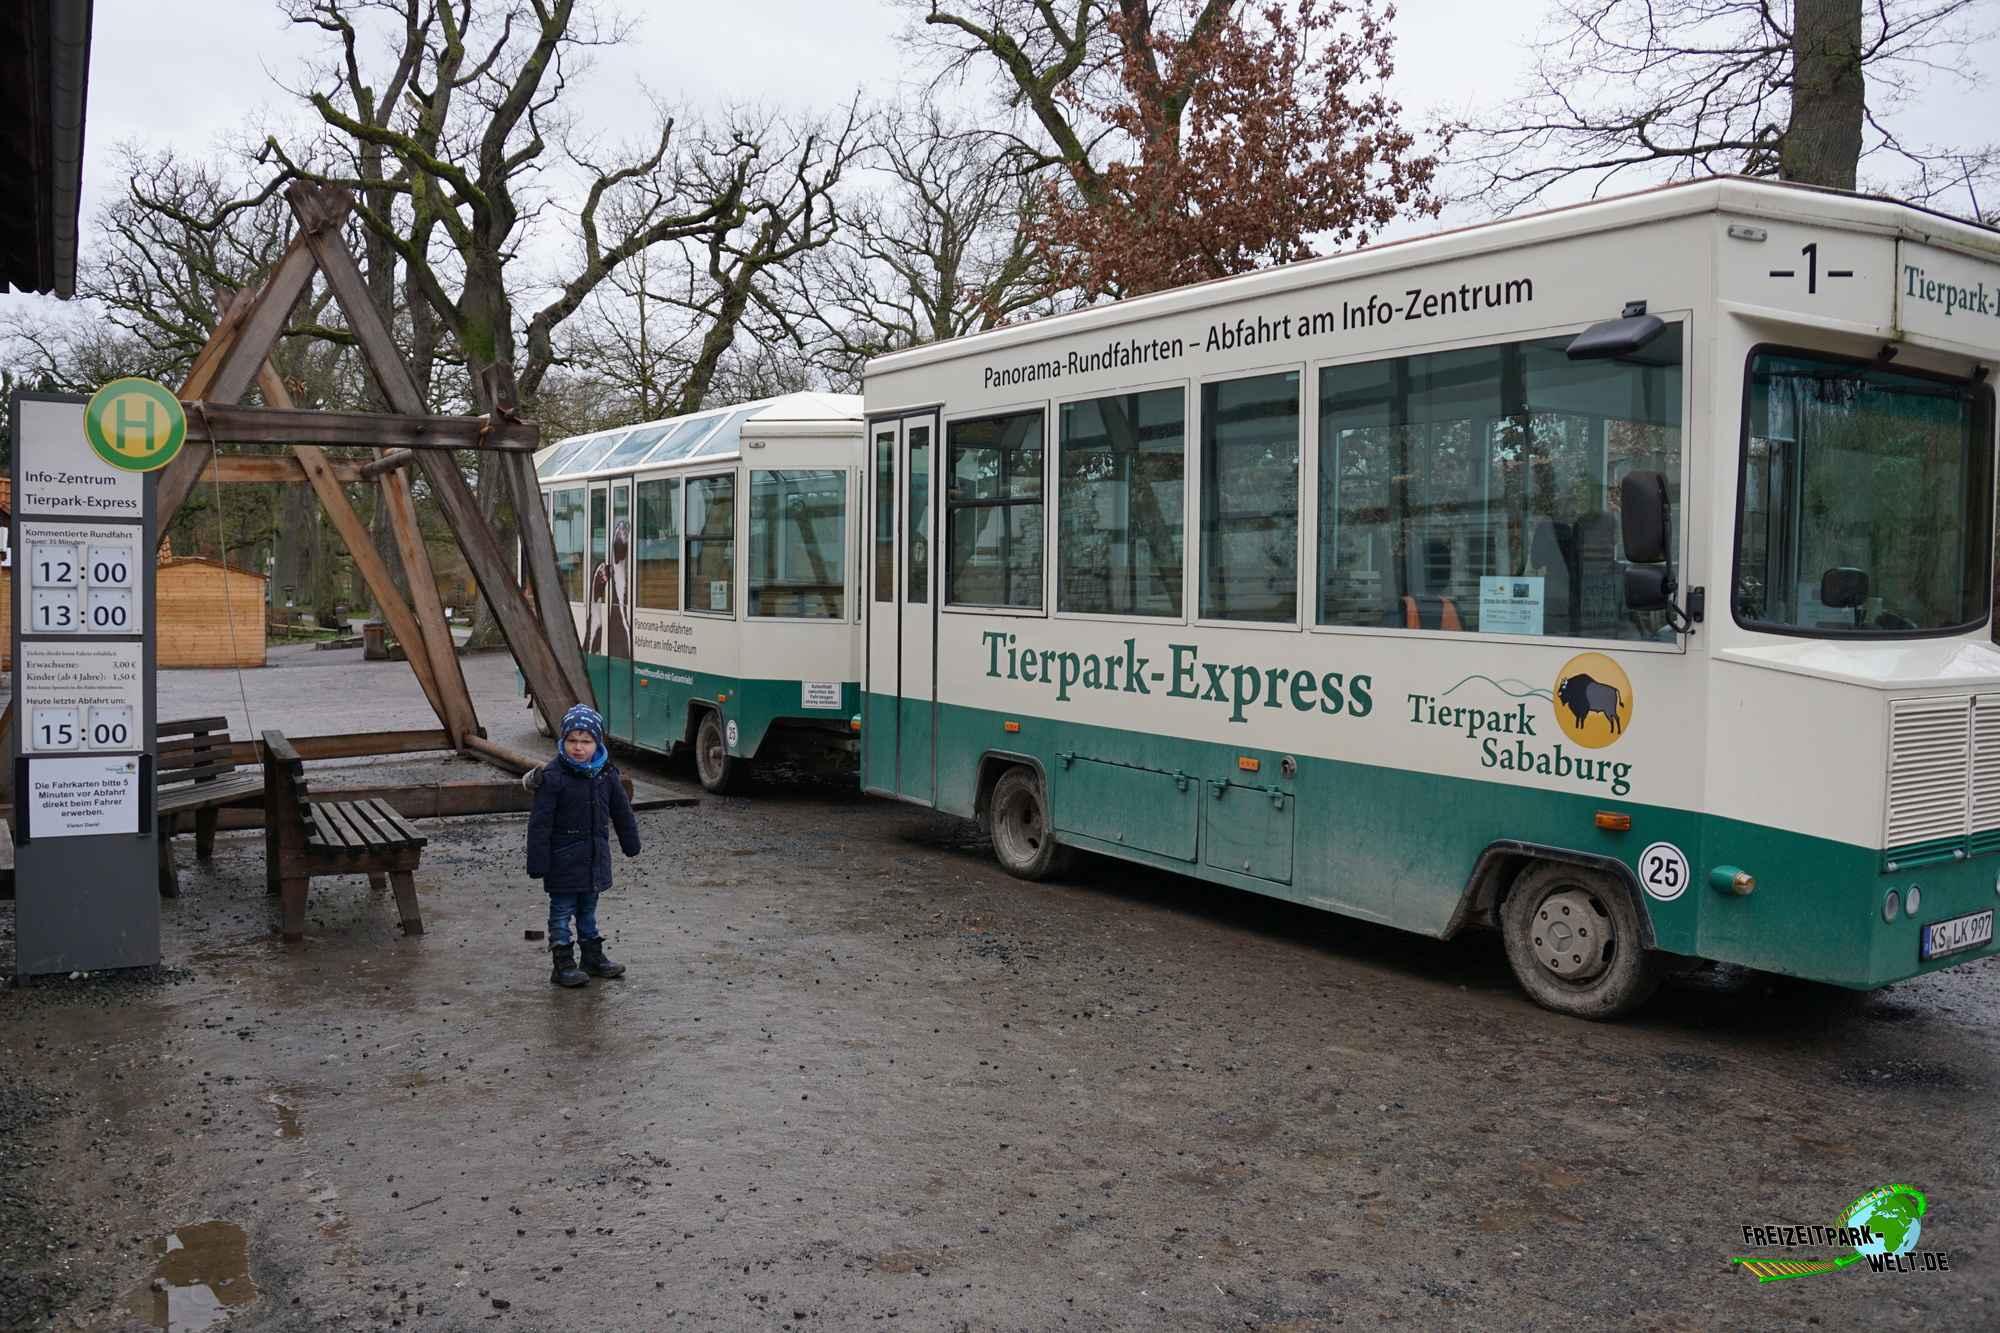 tierpark express tierpark sababurg freizeitpark. Black Bedroom Furniture Sets. Home Design Ideas